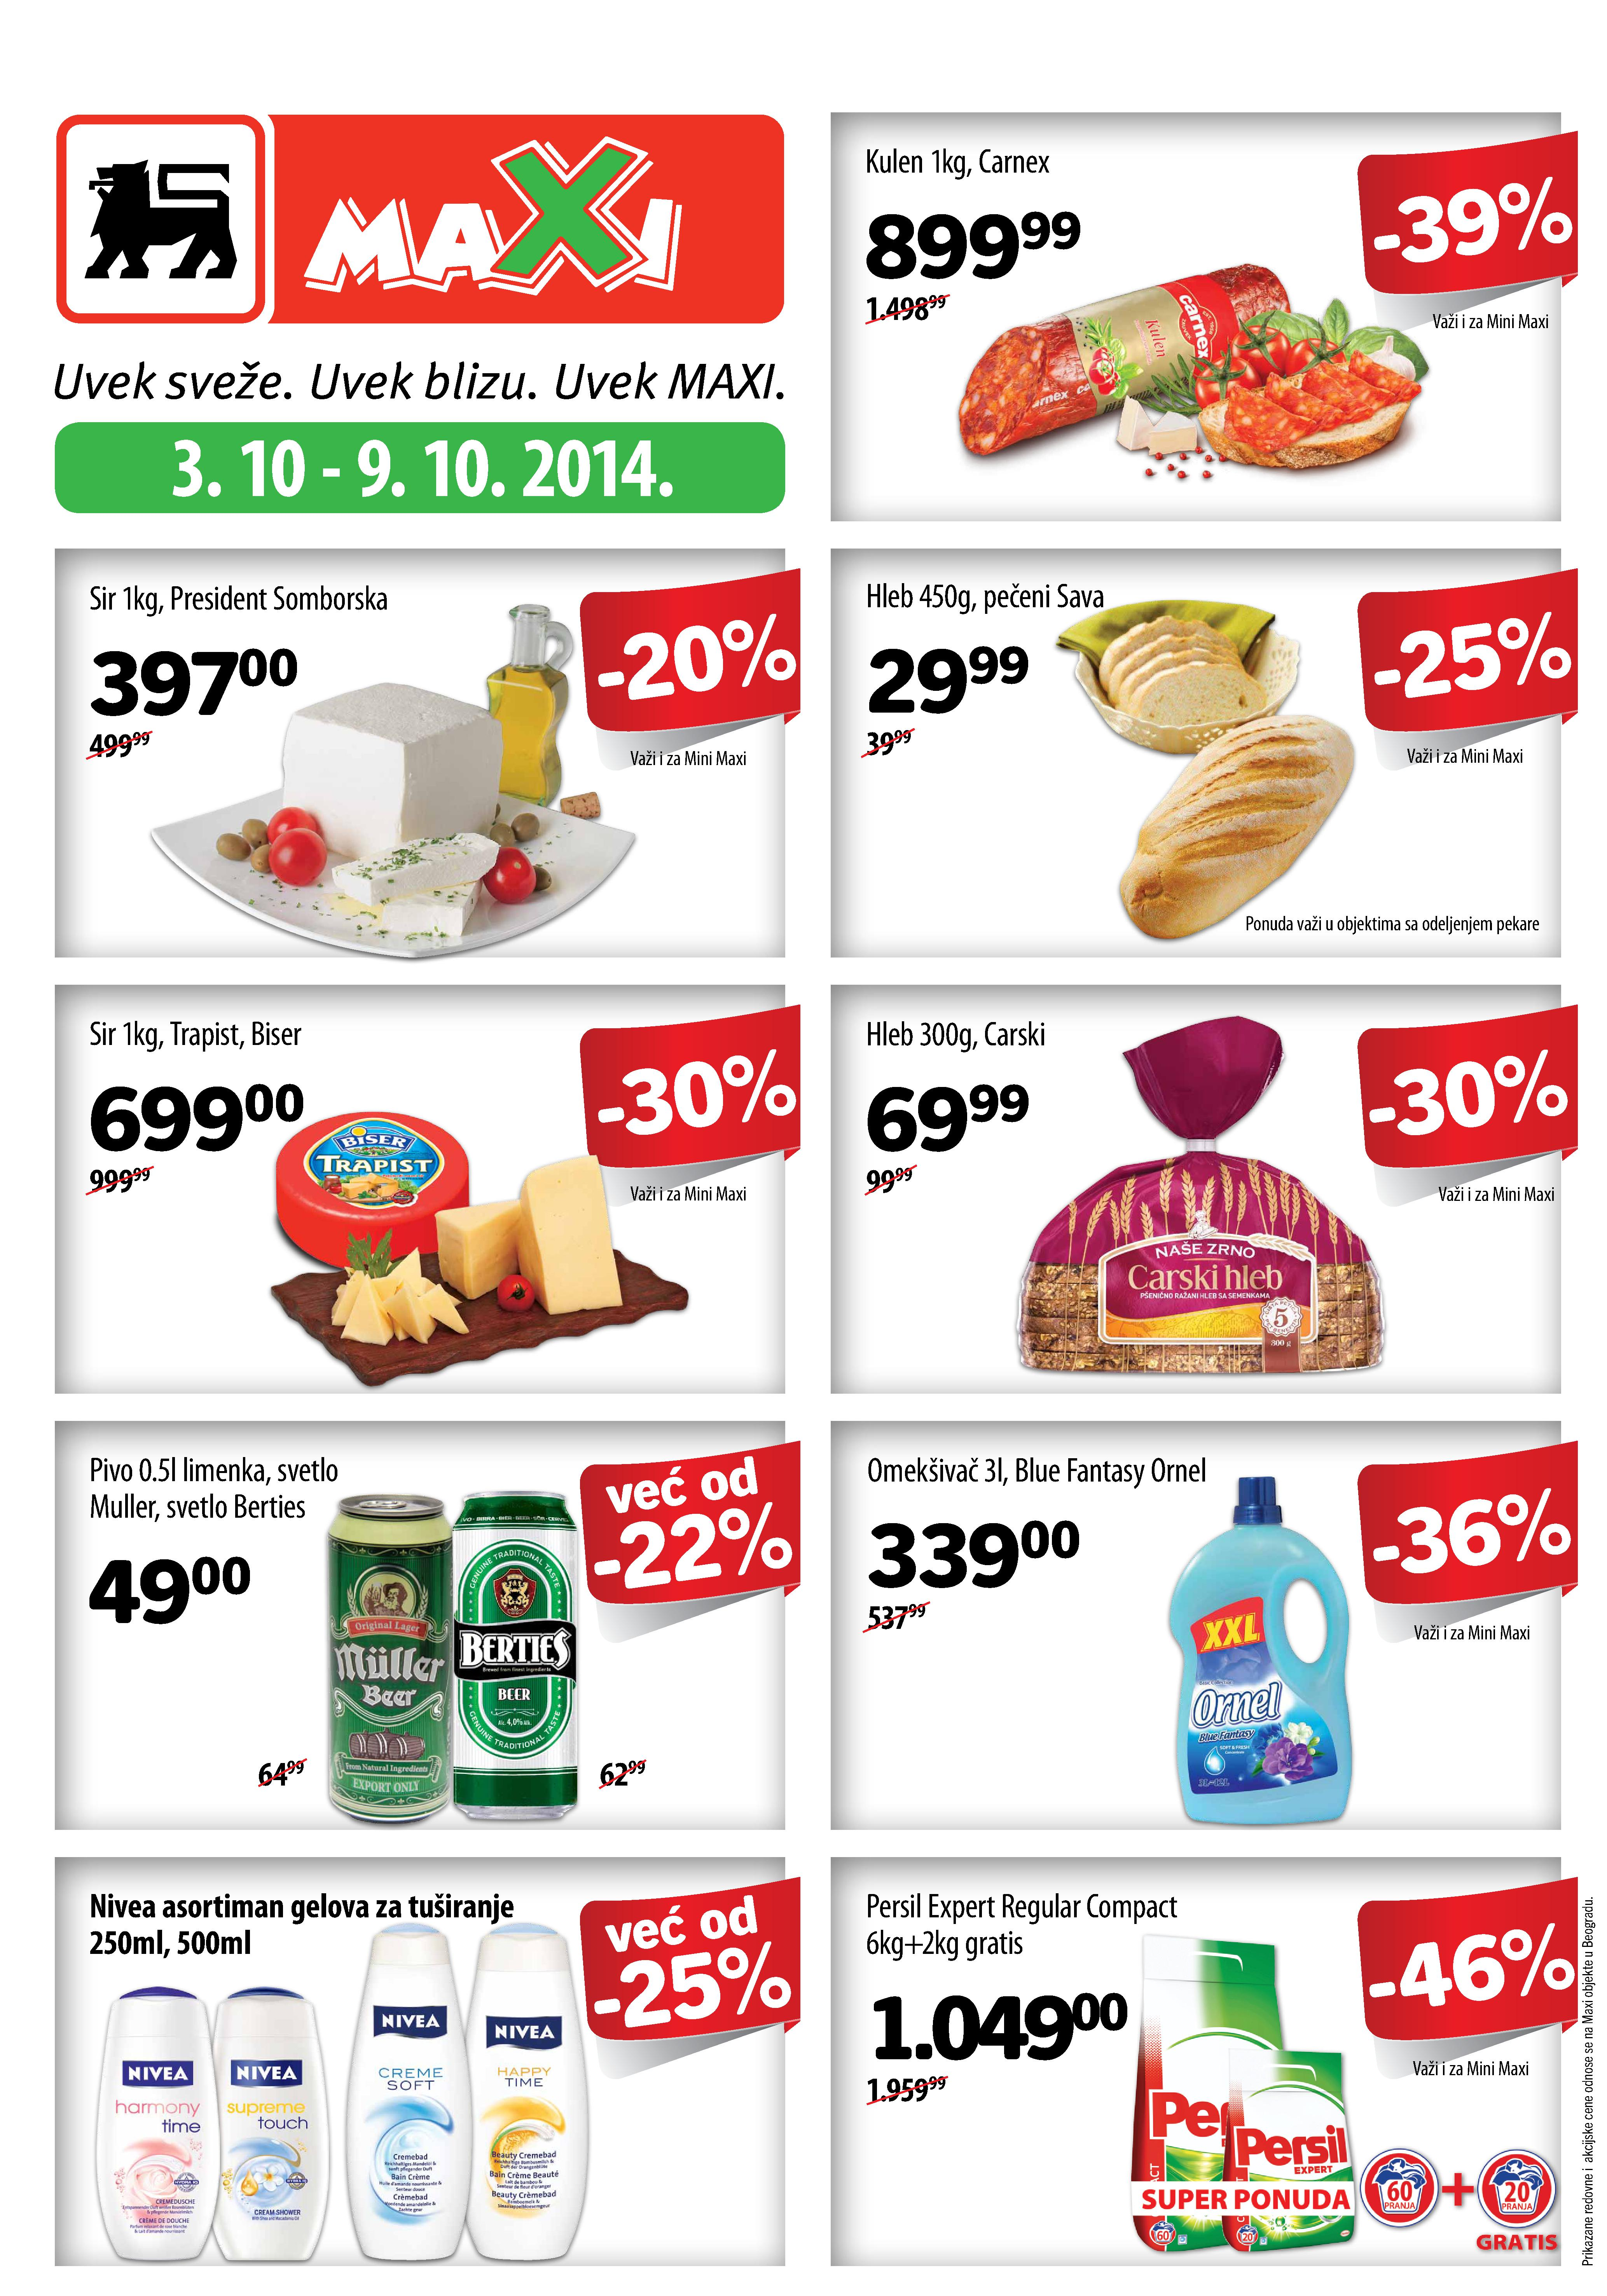 Maxi akcija nedelja super kupovine